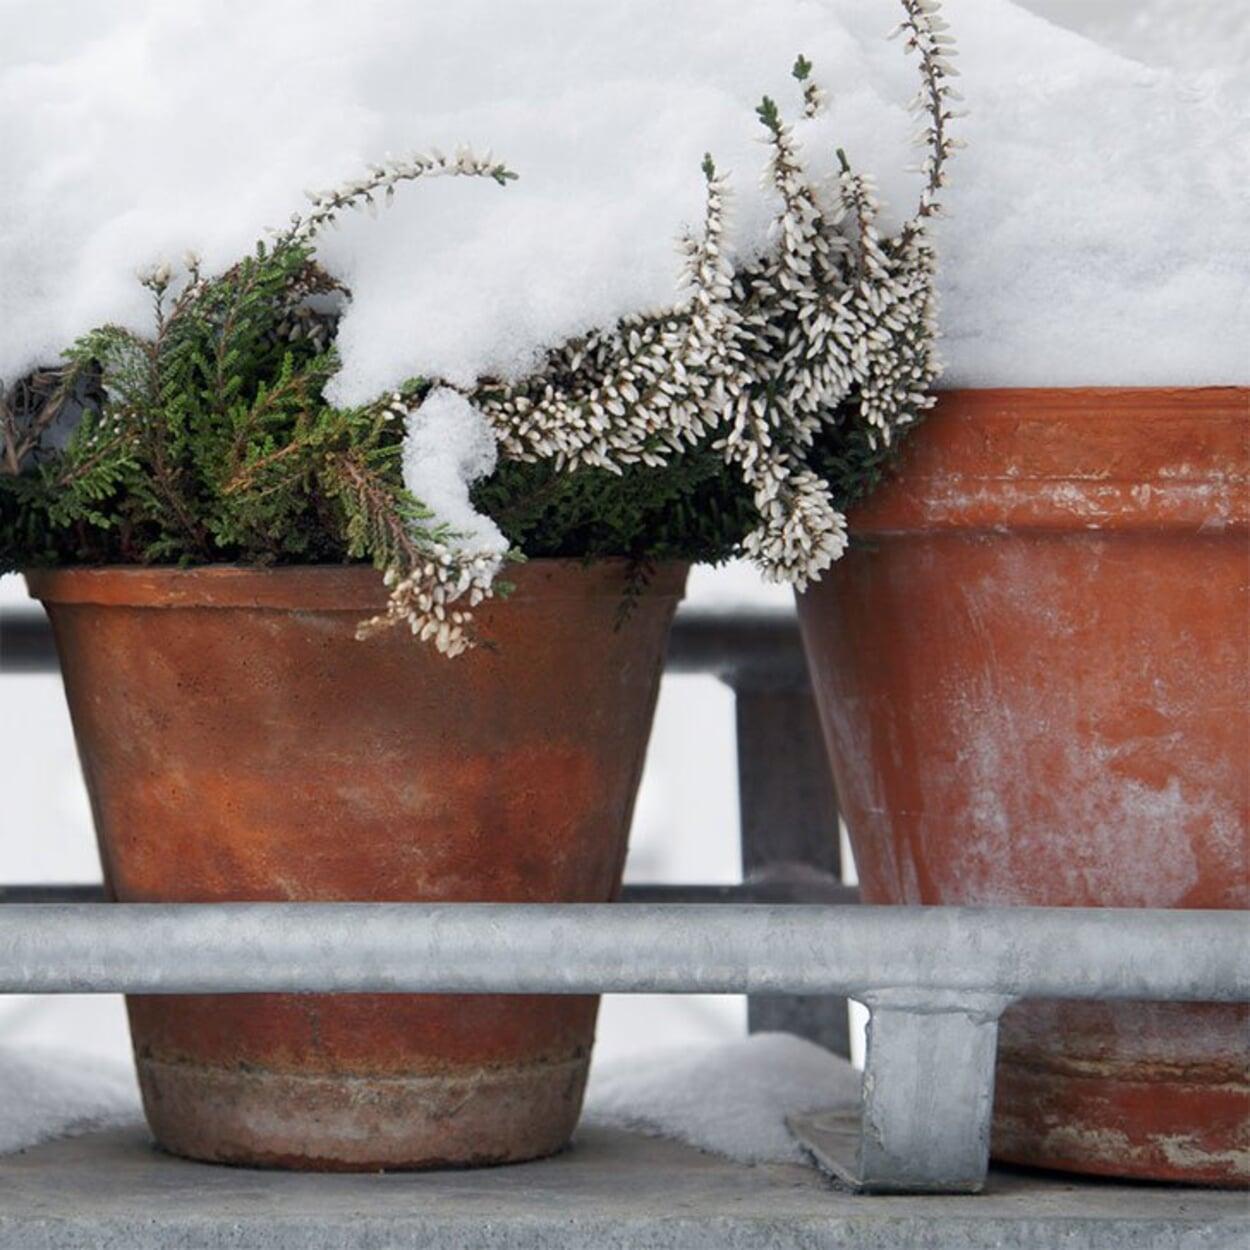 Balkon- und Zimmergarten Januar